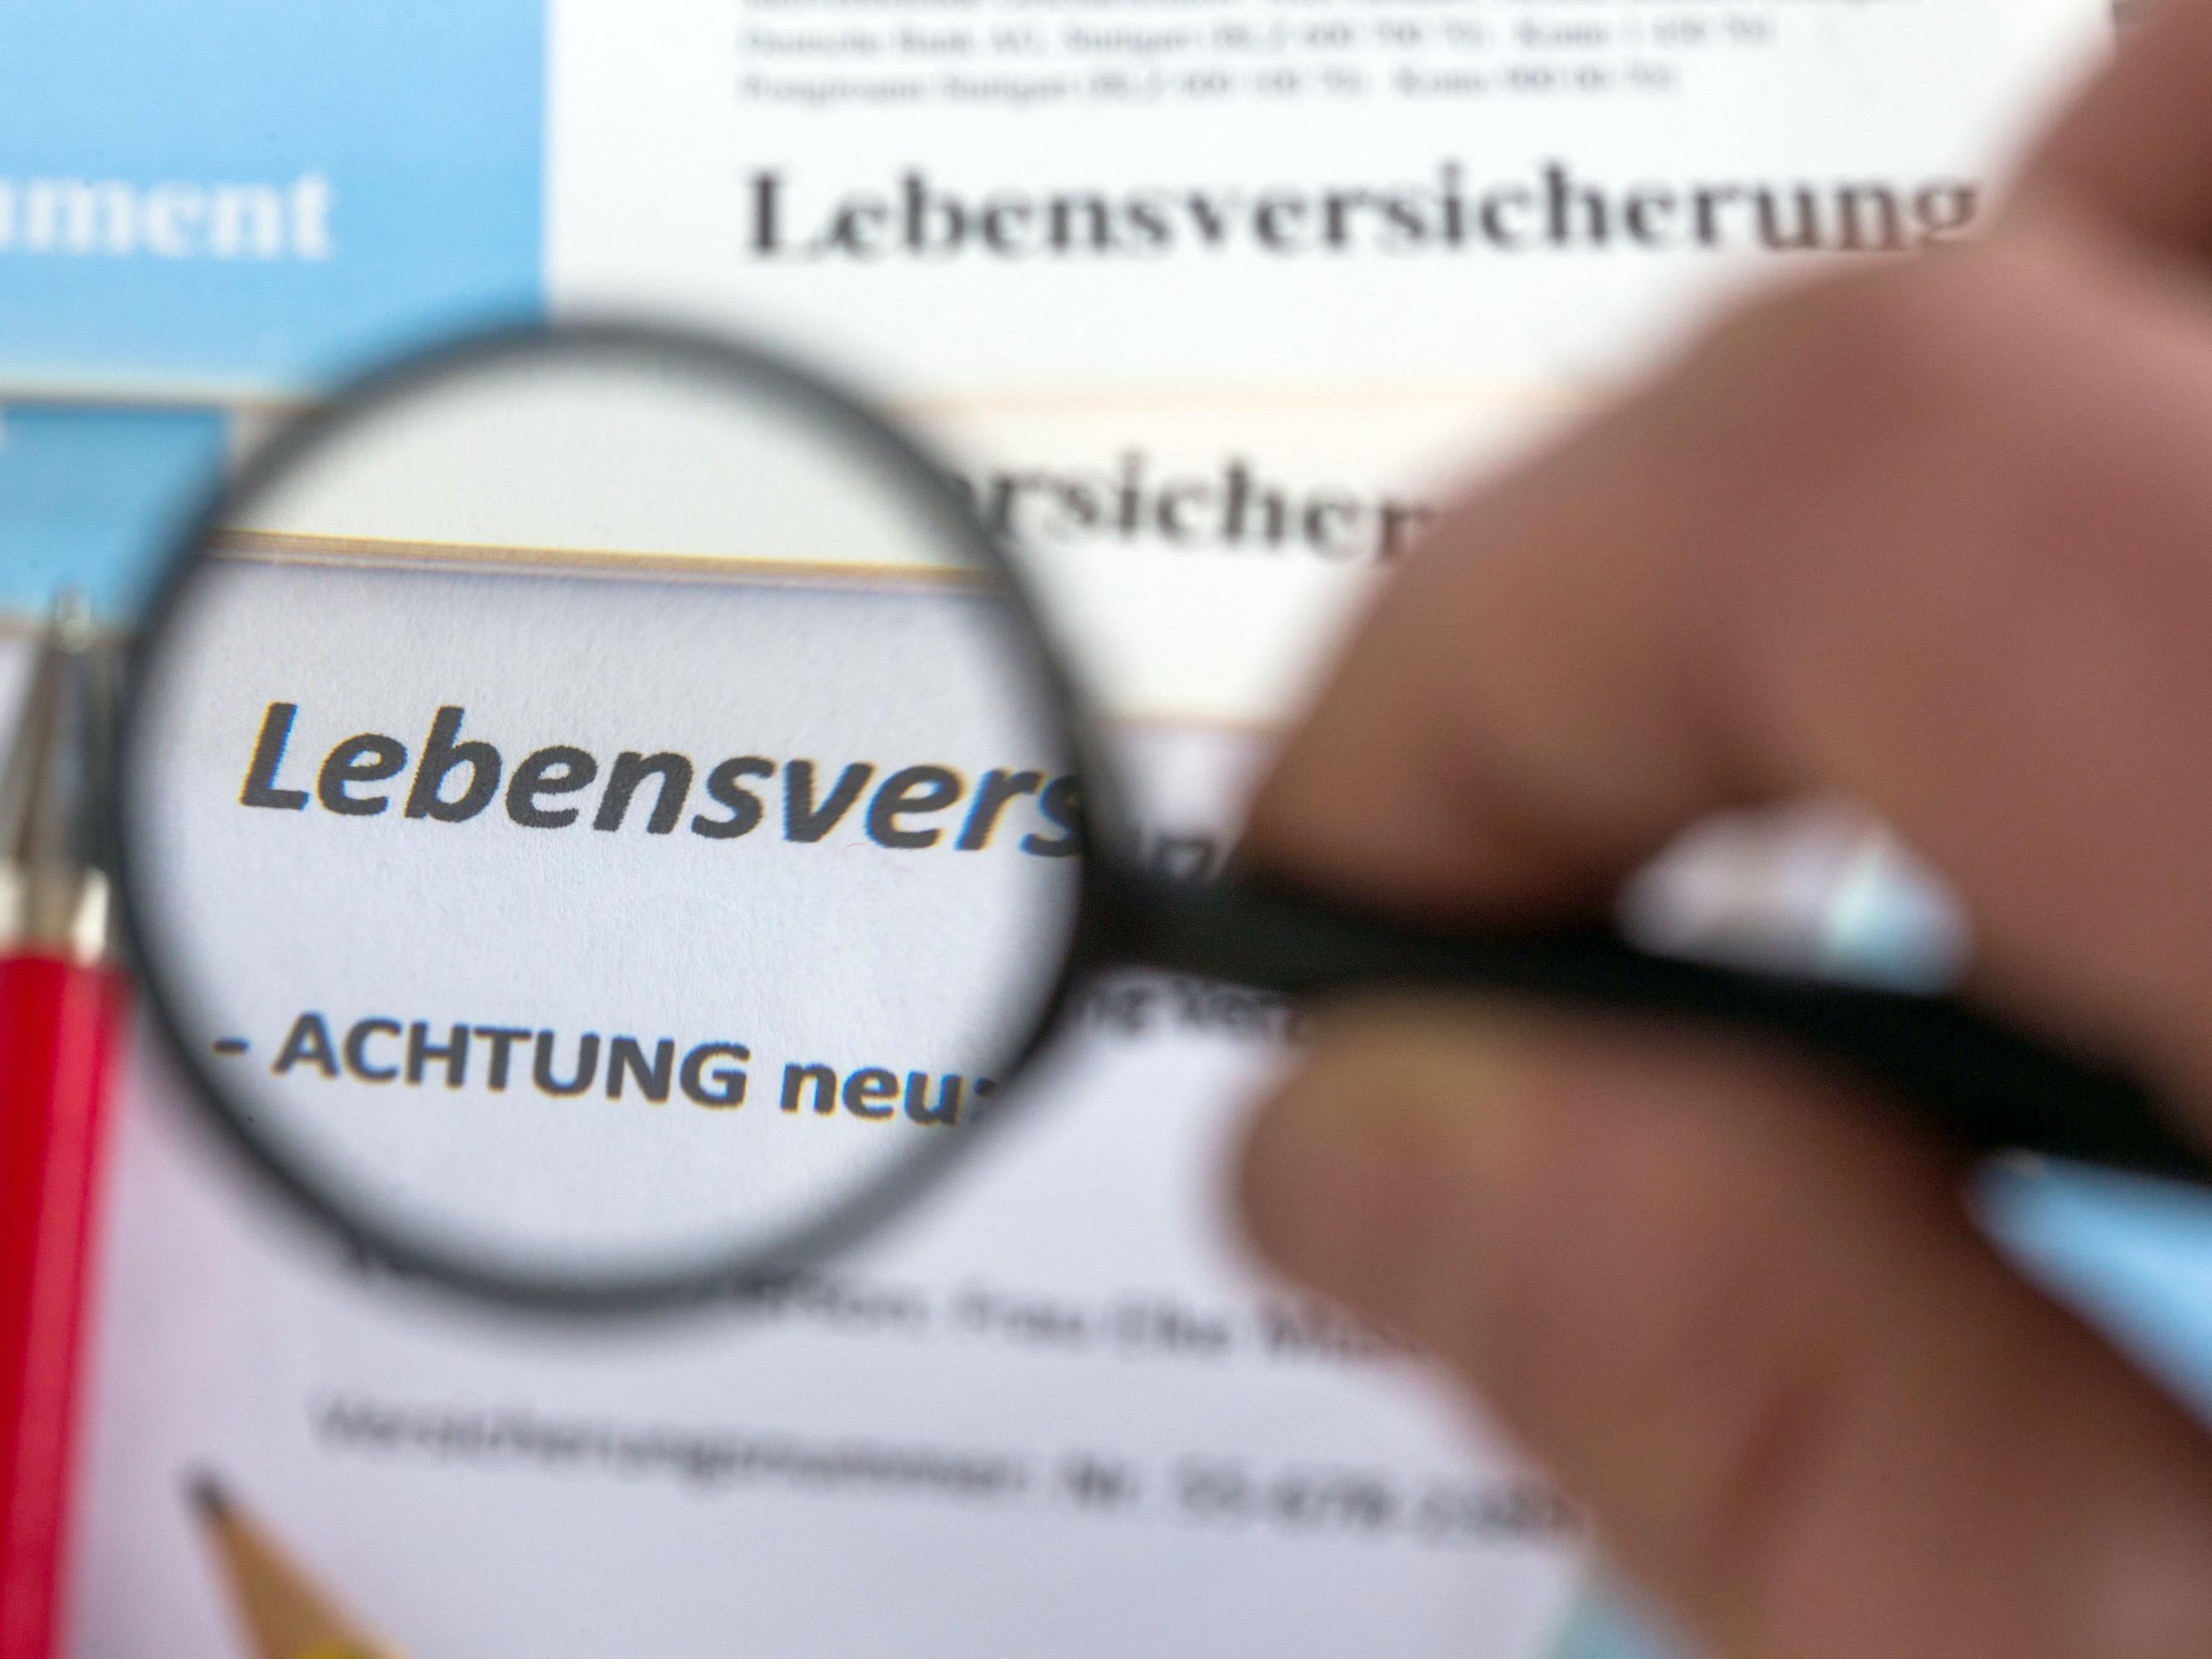 Der Vorarlberger Anwalt nimmt Lebensversicherungen genau unter die Lupe.